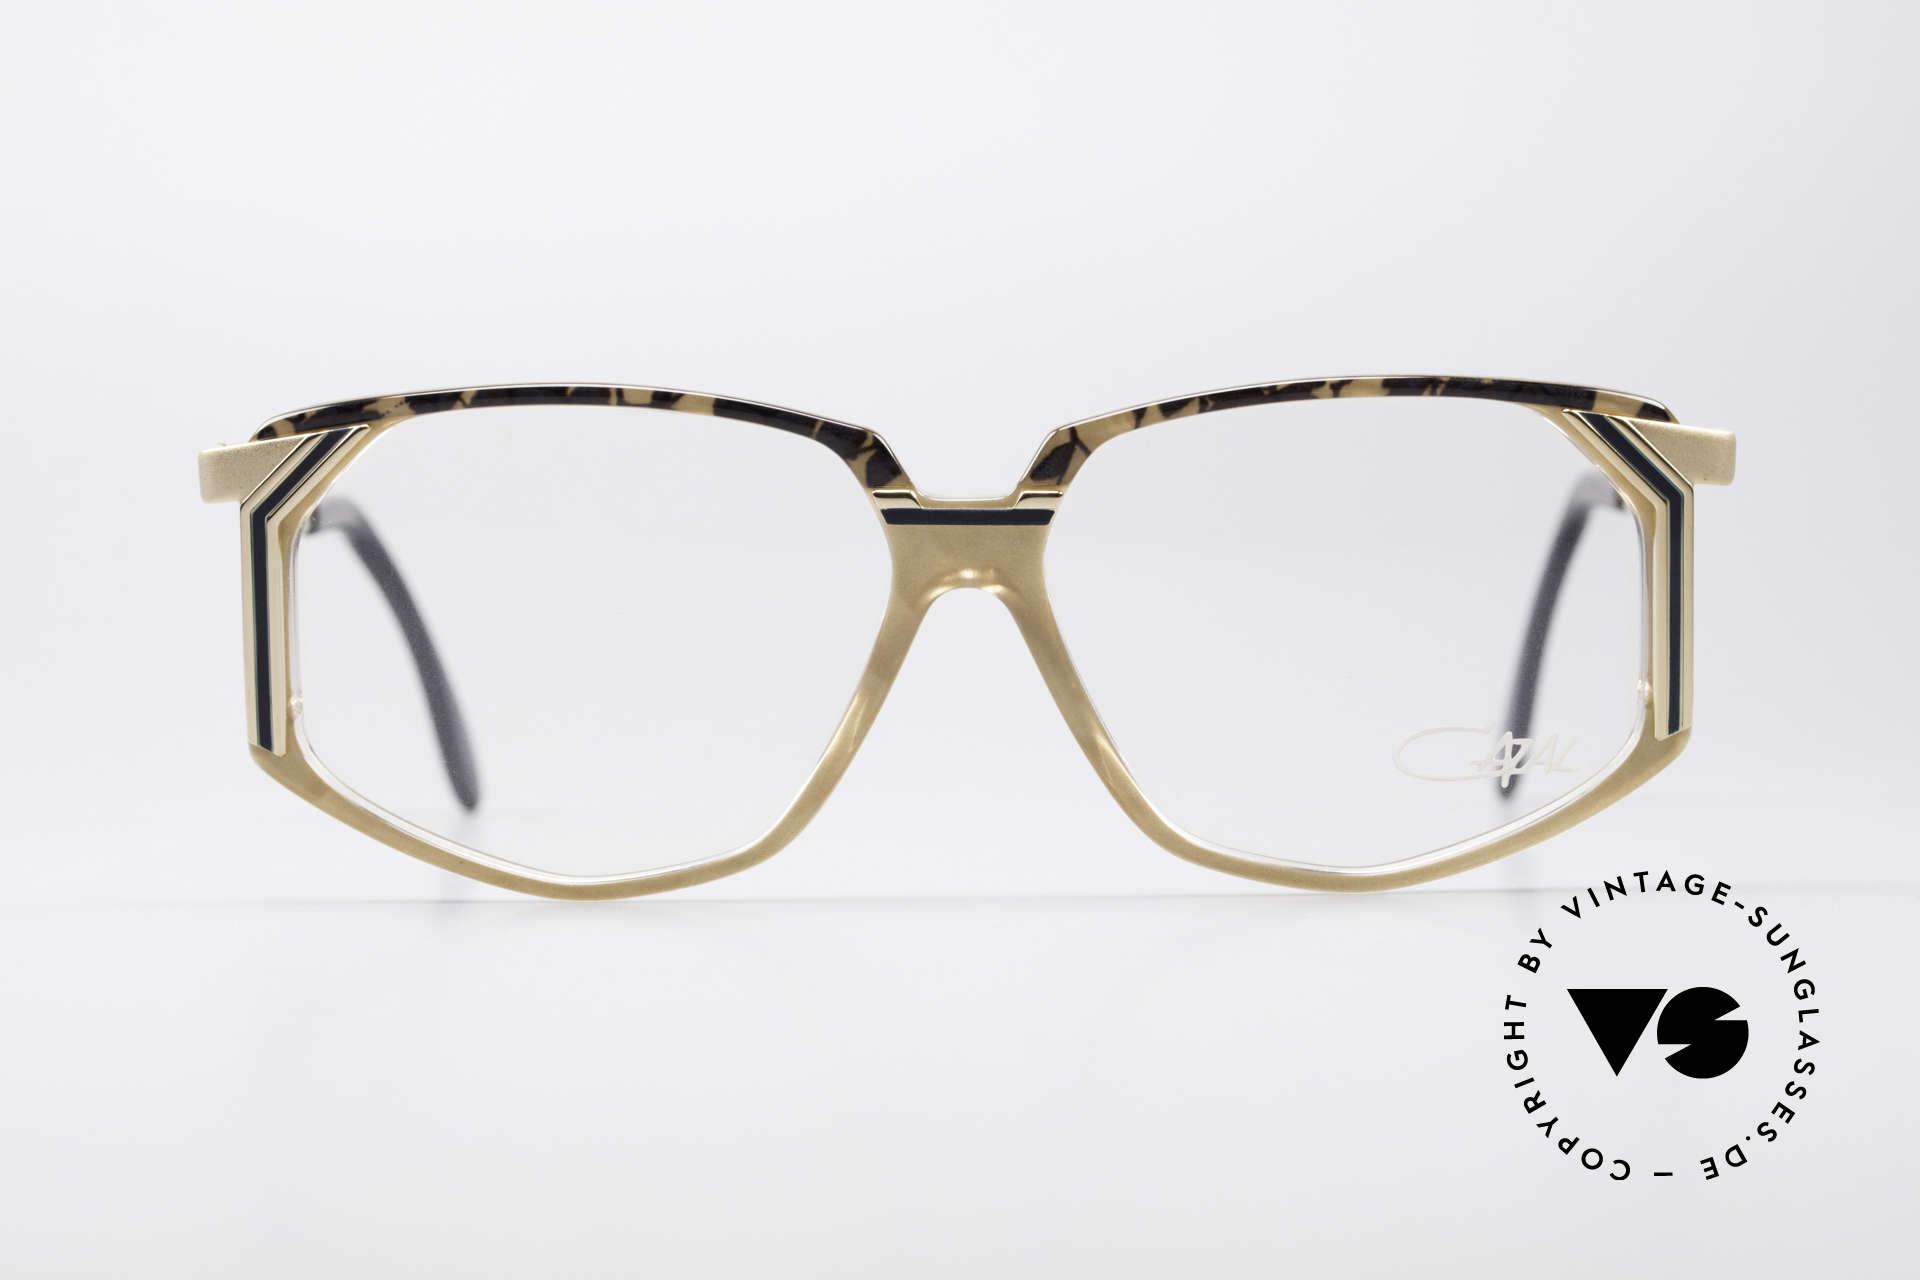 Cazal 346 Hip Hop 90's Designer Eyeglasses, striking frame construction = distinctive 90's CAZAL, Made for Men and Women